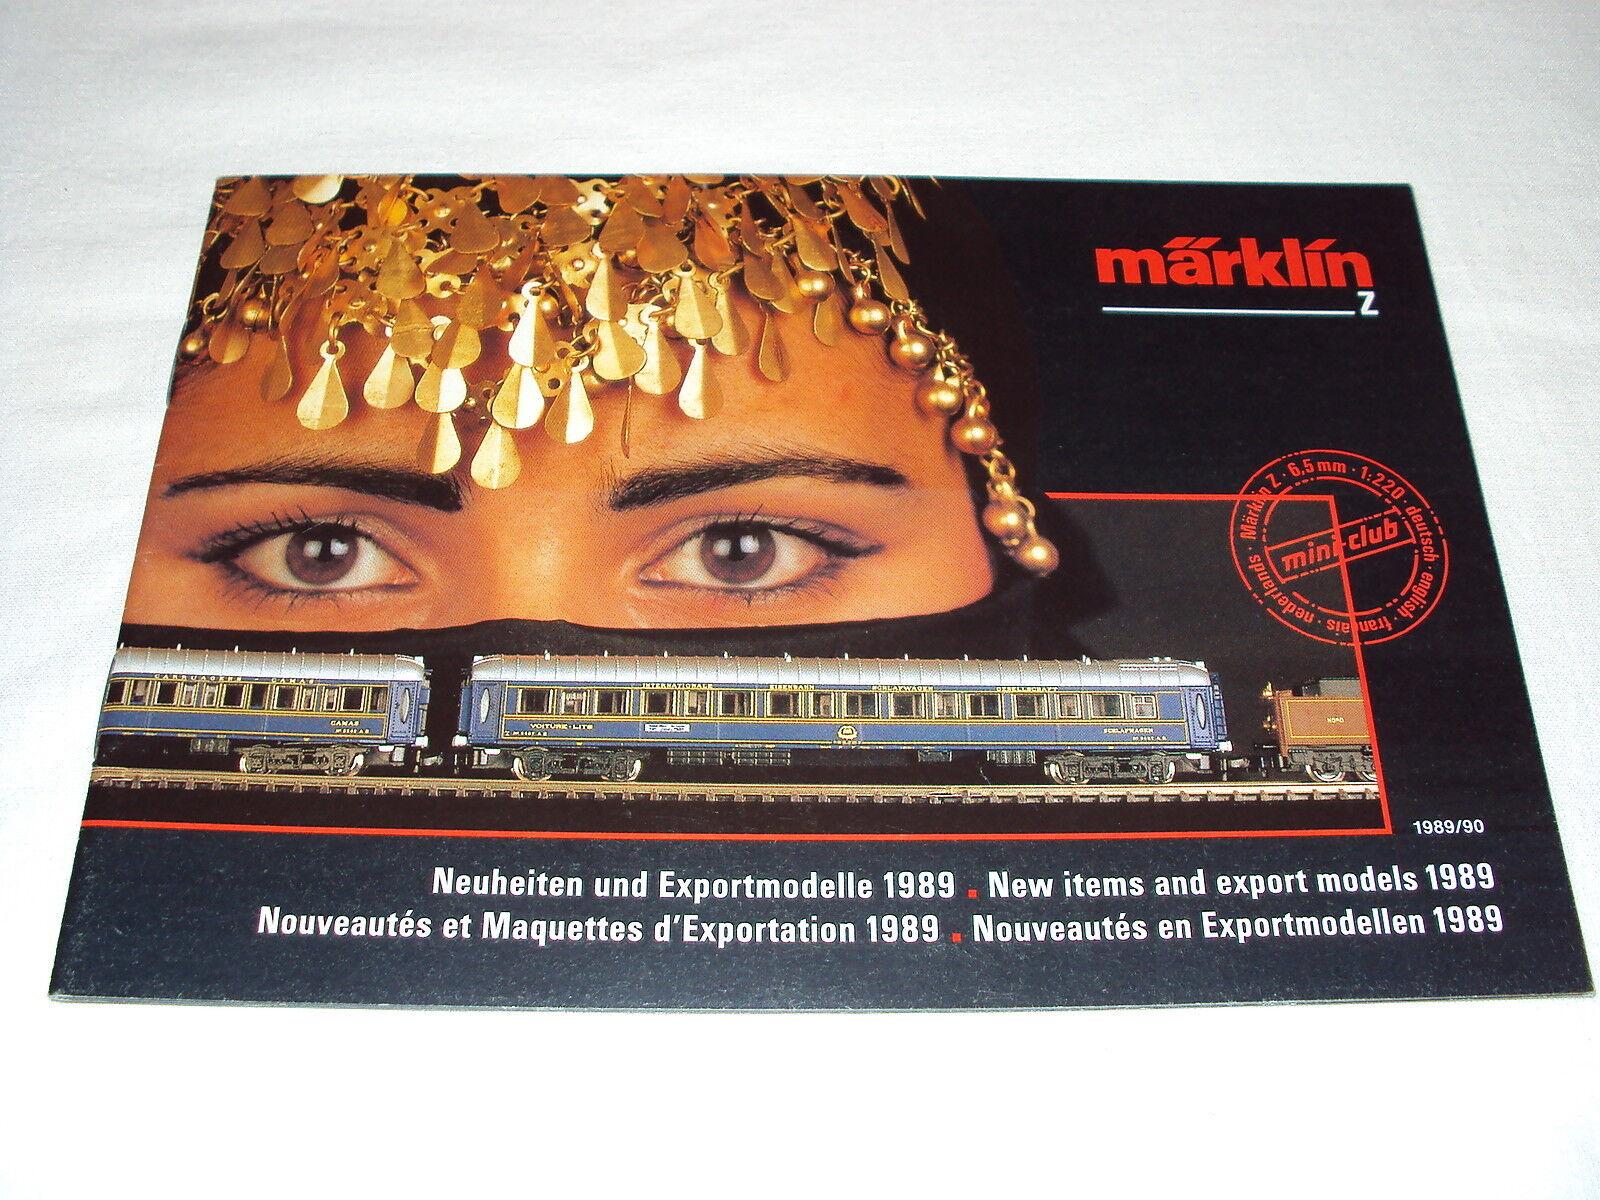 W 3 13 1 Modelleisenbahn Modelle Katalog Prospekt Märklin Export-Modelle 1989